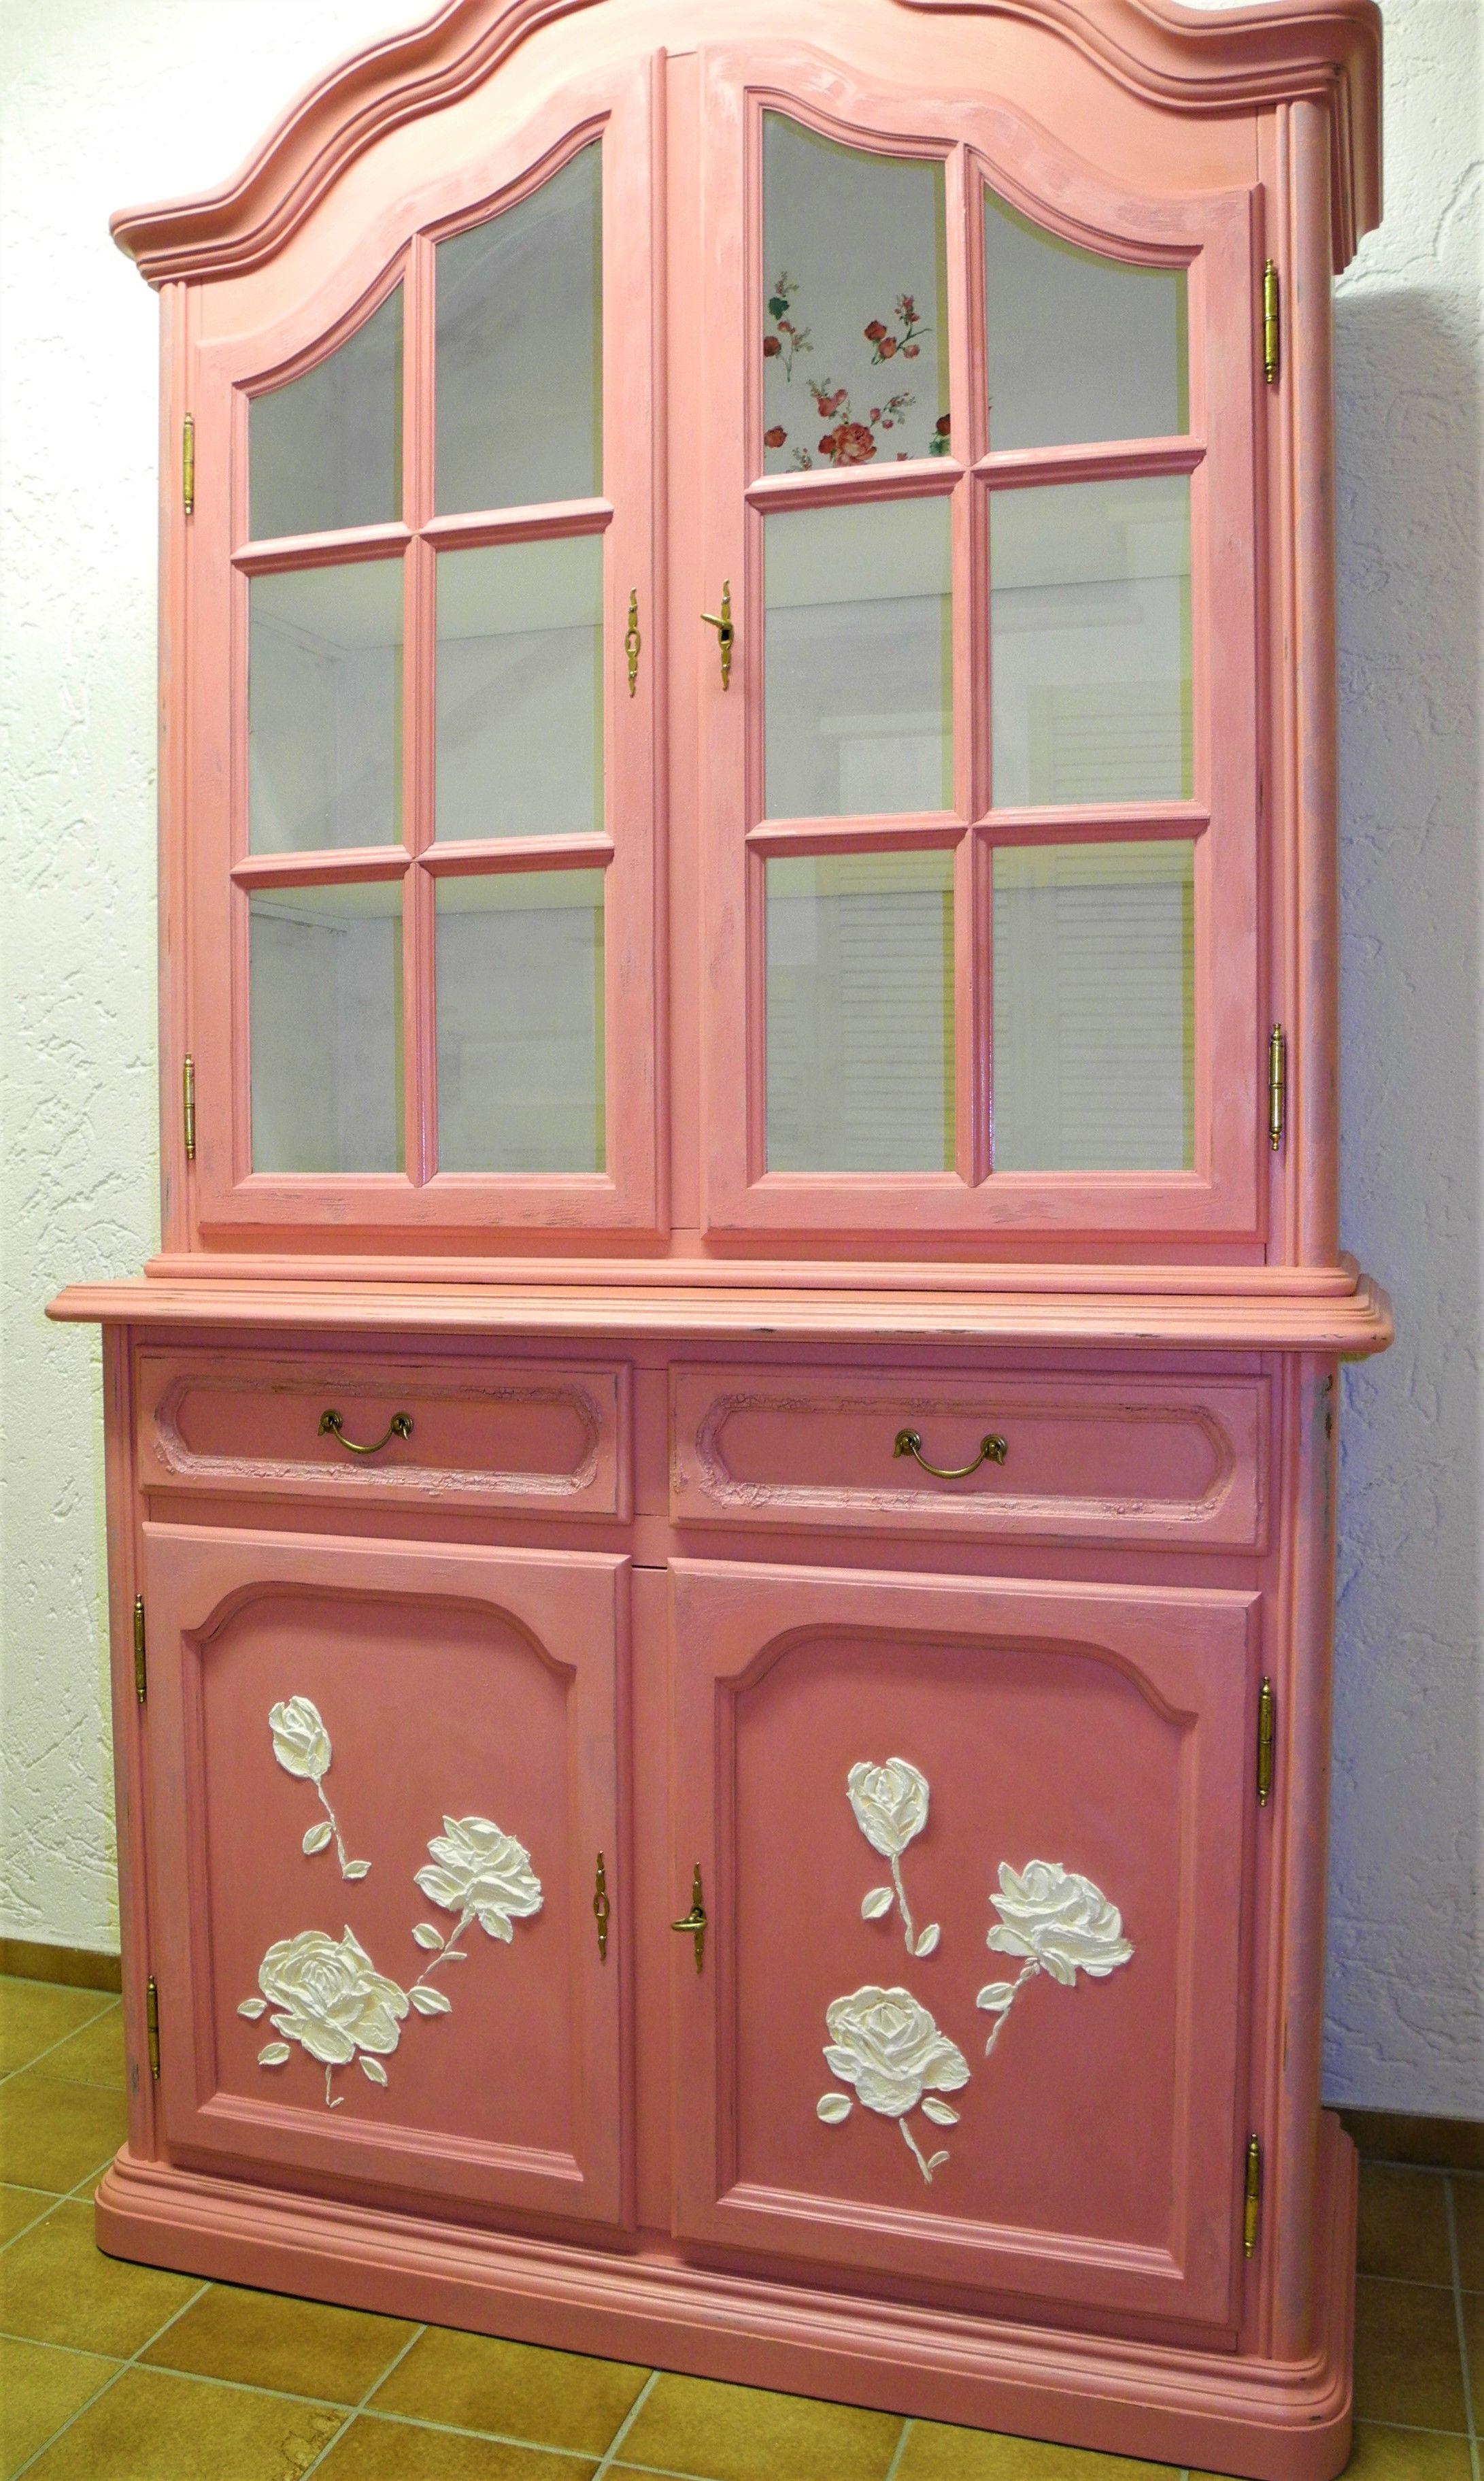 Shabby chic rosa vintage Schrank Schöne Details Decoupage | Vintage ...